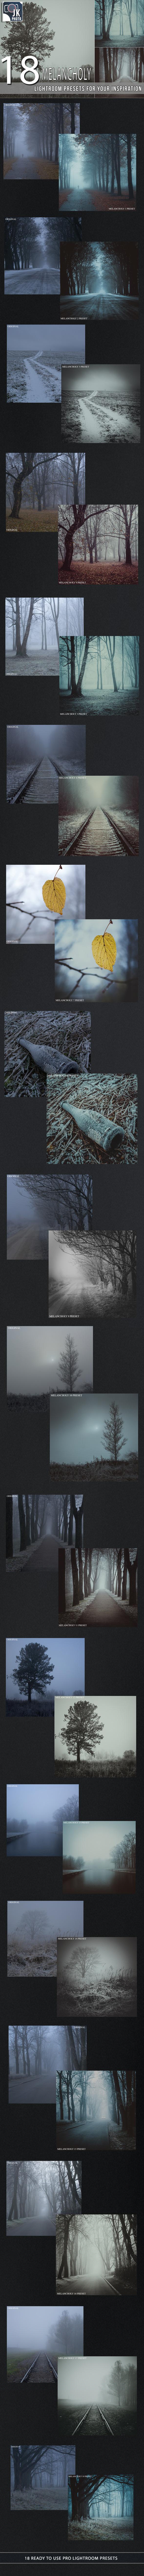 18 Melancholy Lightroom Presets - Landscape Lightroom Presets